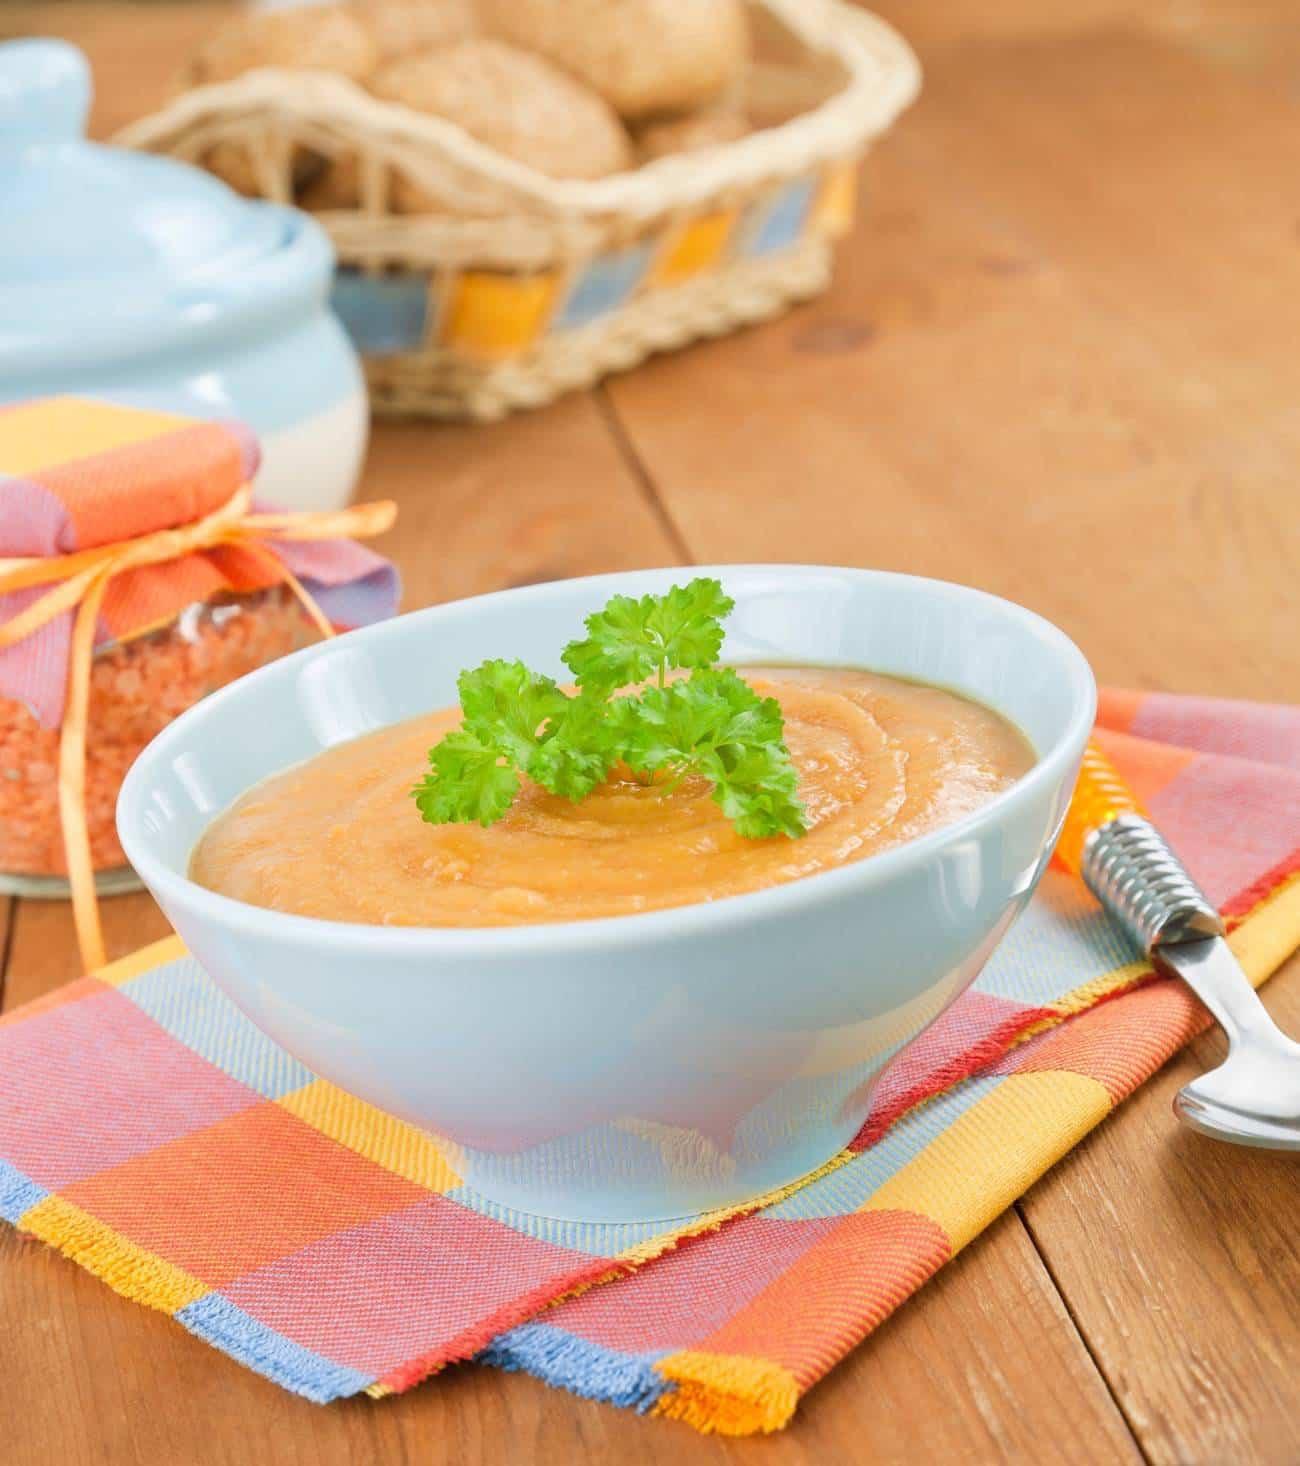 recetas gourmet con sobras de comida - crema de lentejas con foie